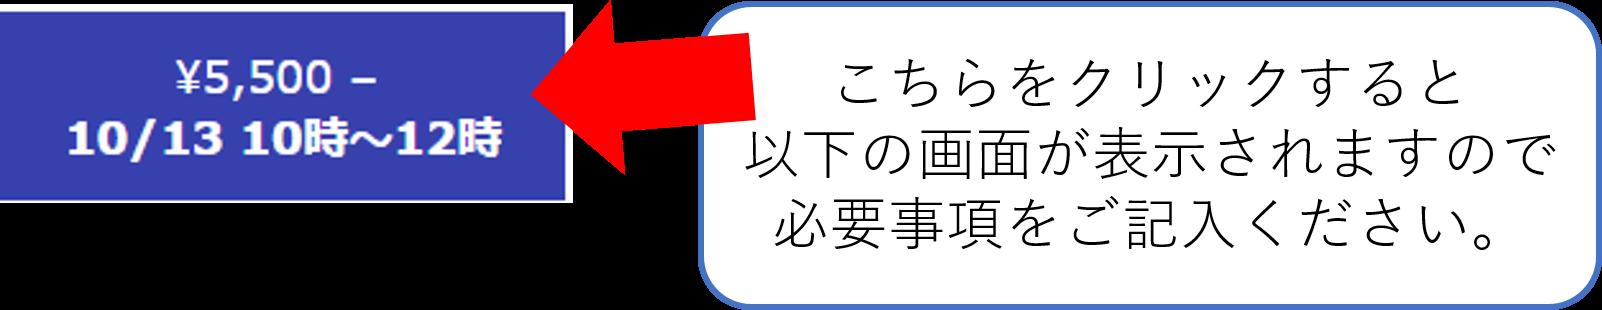 オフィスマツナガオンラインストア WEBセミナー(ZOOM)